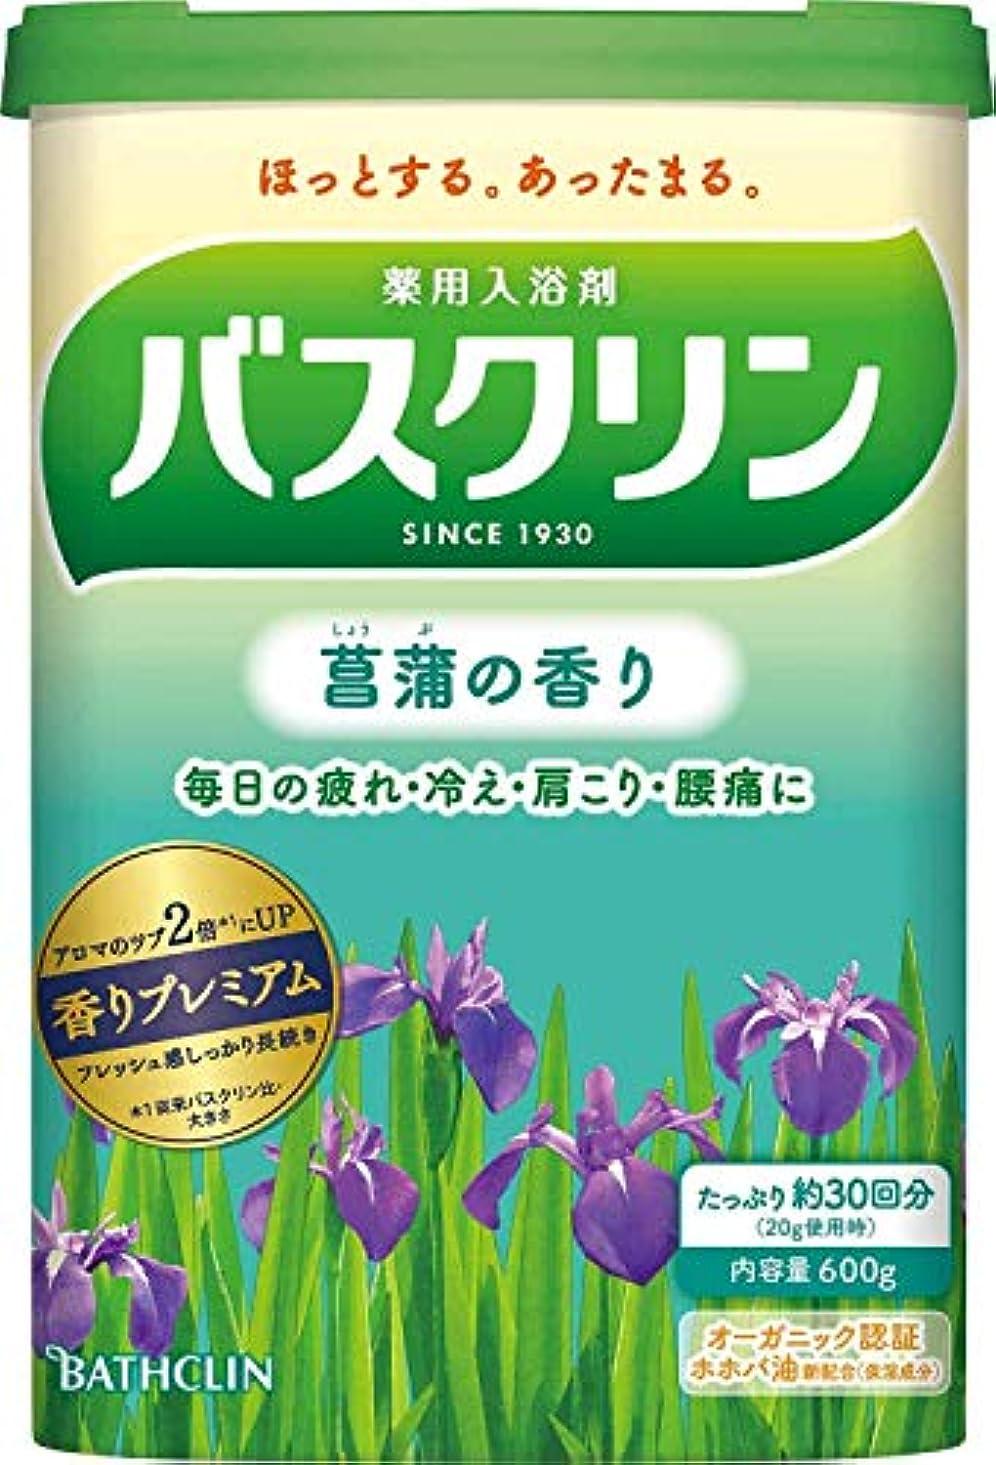 解明する攻撃的ファンシー【医薬部外品】バスクリン菖蒲の香り600g入浴剤(約30回分)